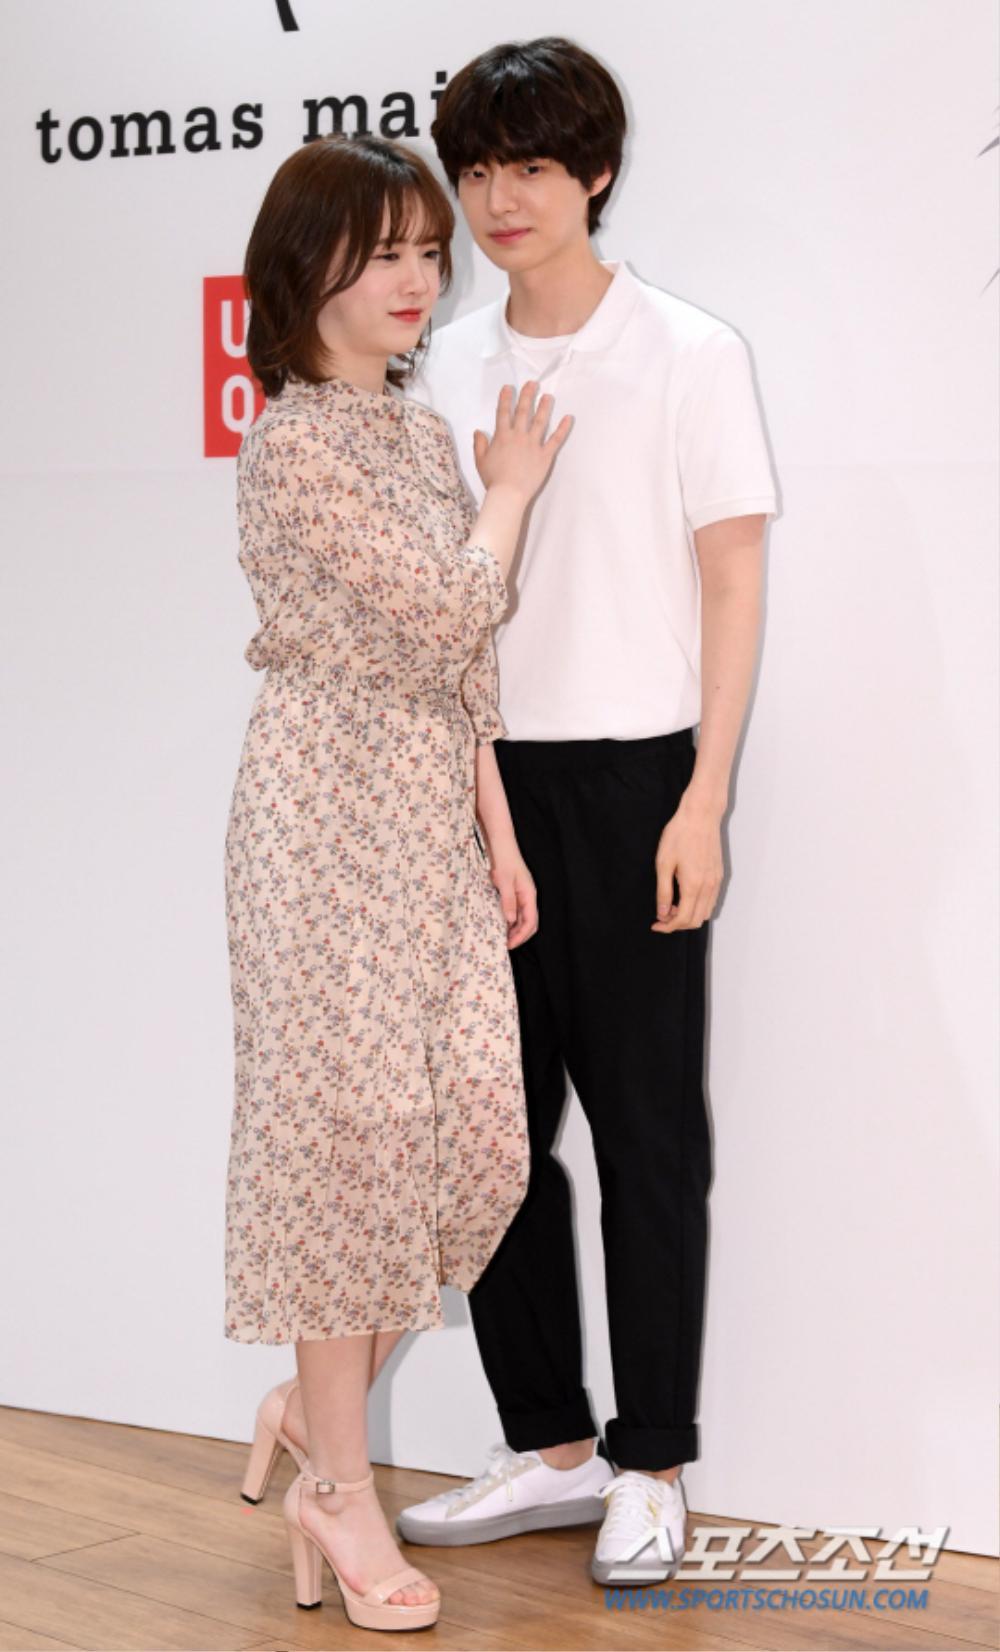 Goo Hye Sun - Ahn Jae Hyun hoàn tất ly hôn trên tòa: Tuyên bố hỗ trợ cho tương lai của nhau! Ảnh 4